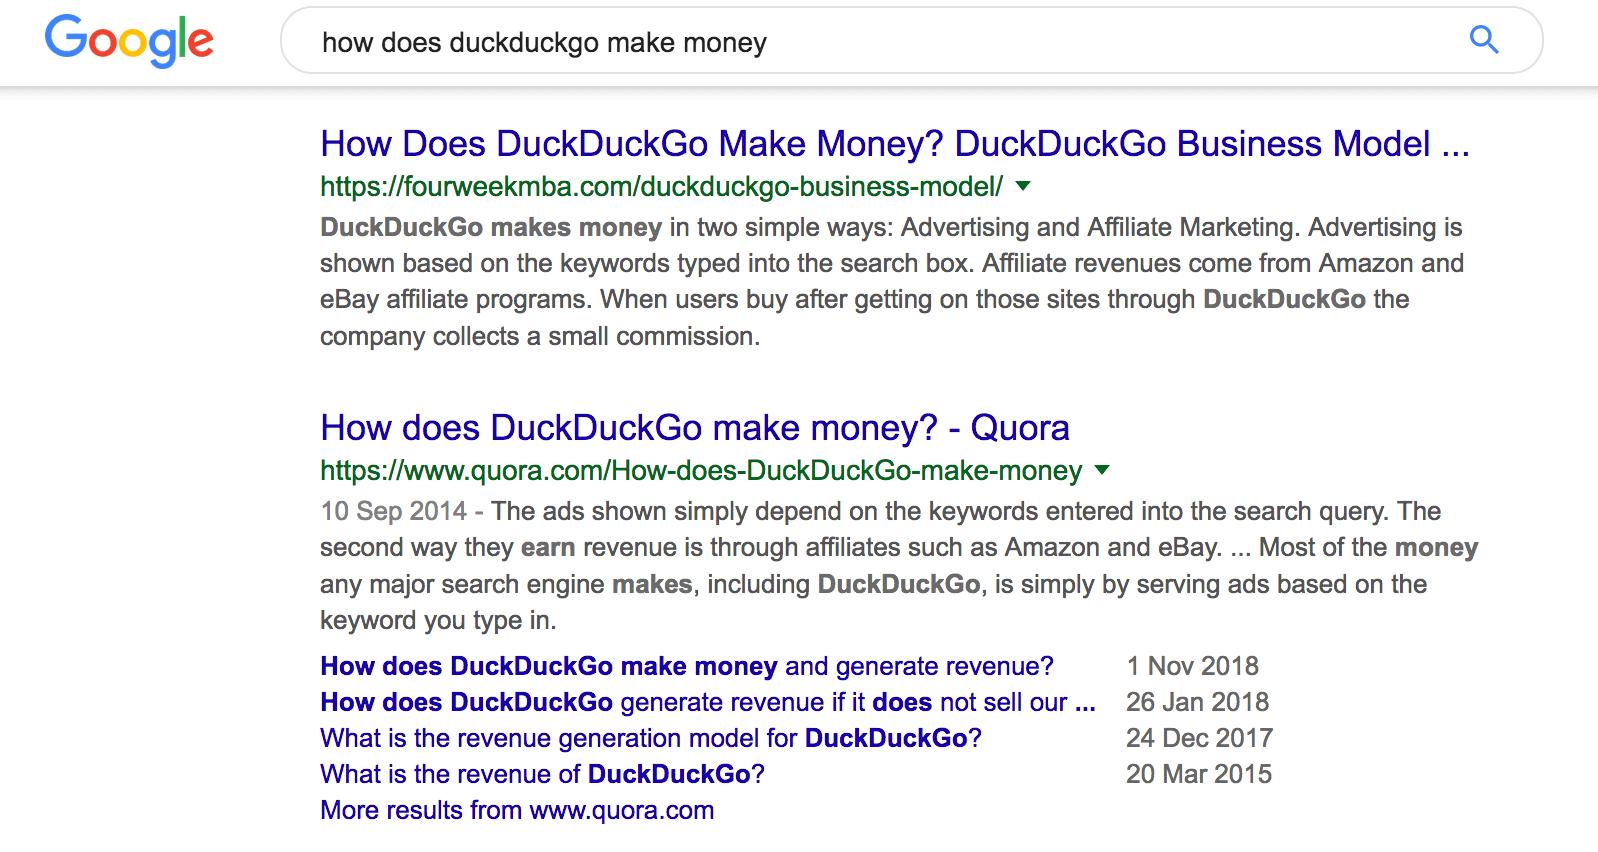 DuckDuckGo google search results